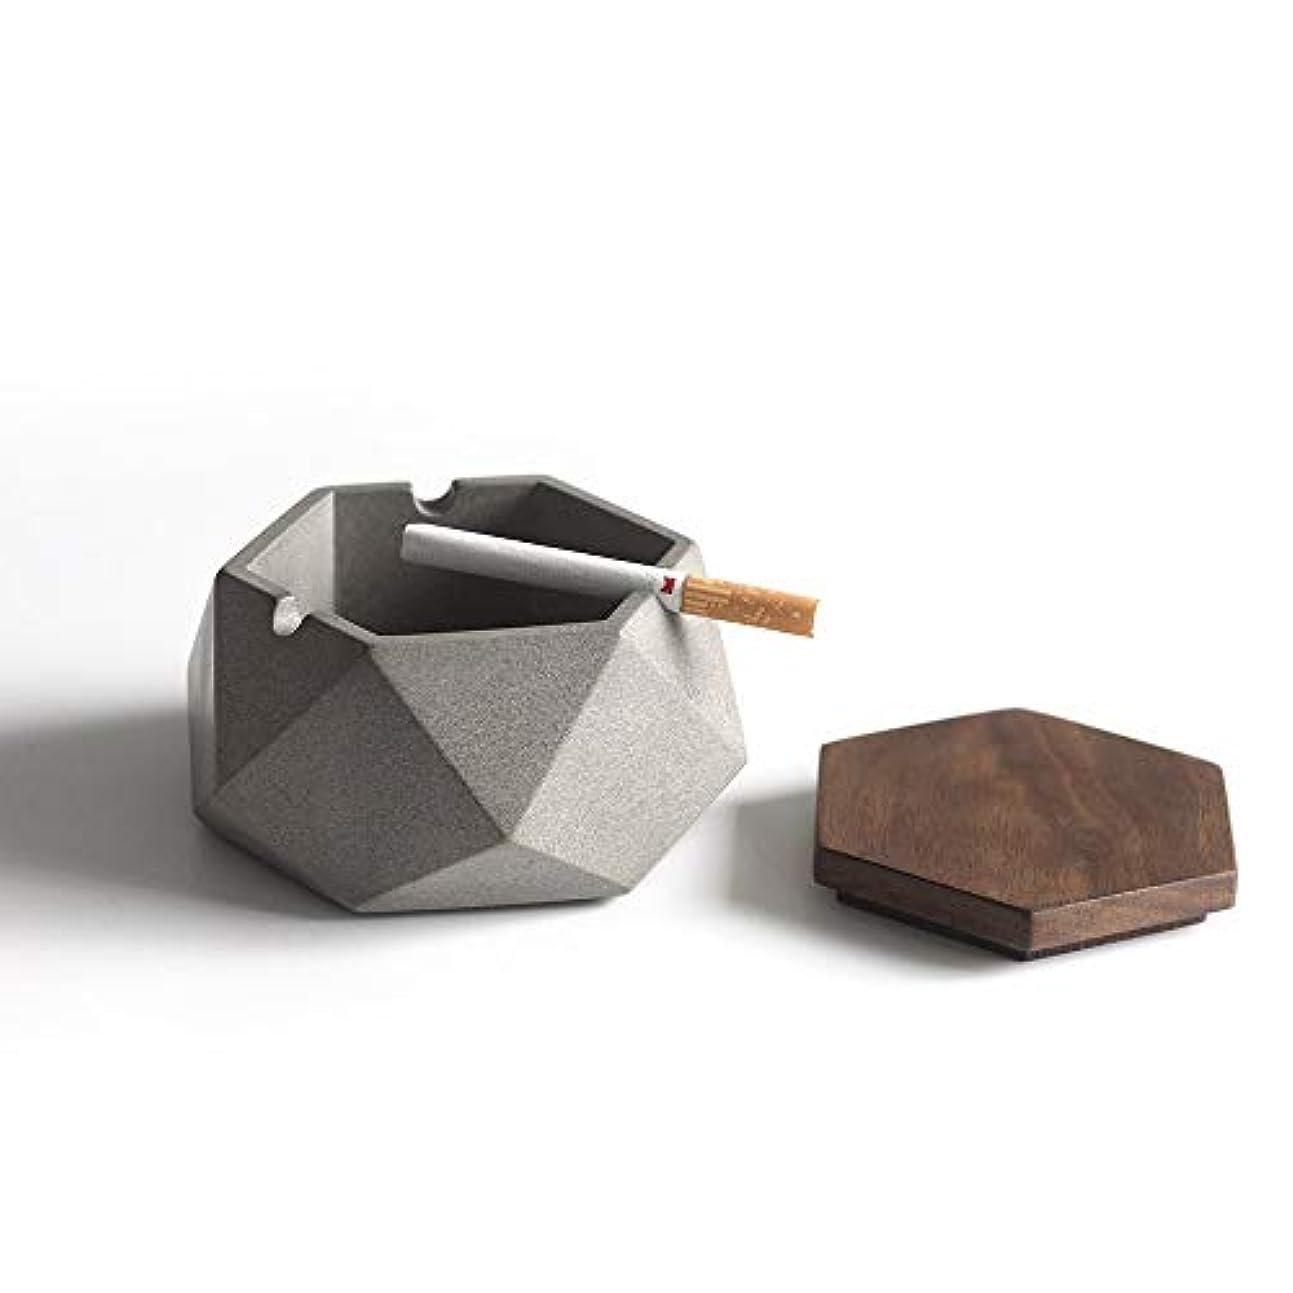 苦い安定オアシスタバコのための大きい防風灰皿パティオのための屋外の灰皿家/オフィスのための美しい卓上の煙の灰皿